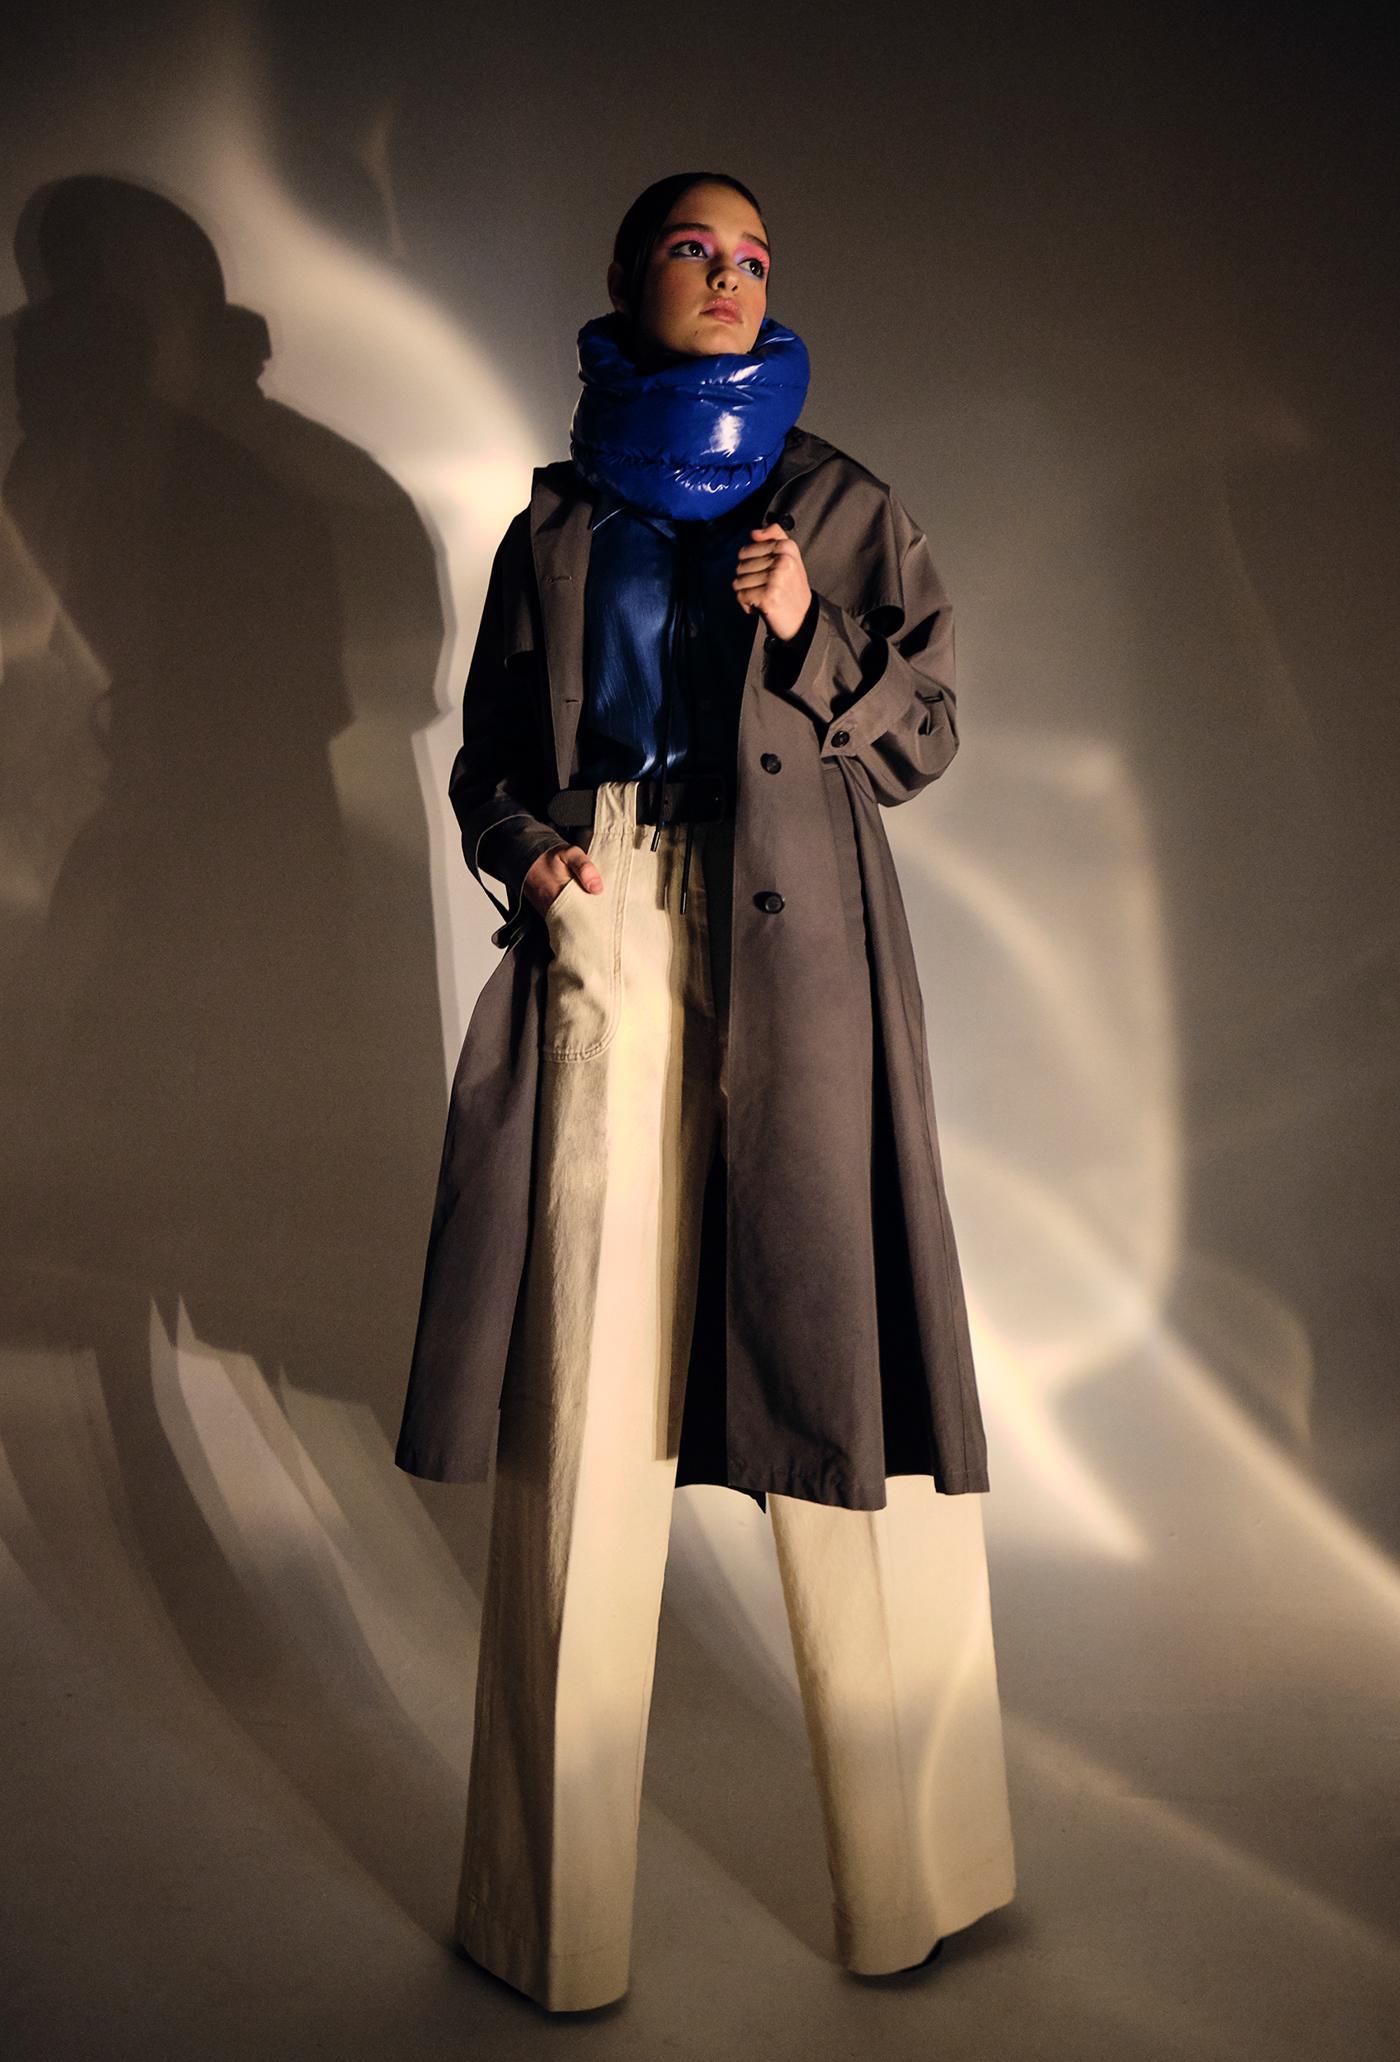 Image may contain: coat, dress and wall